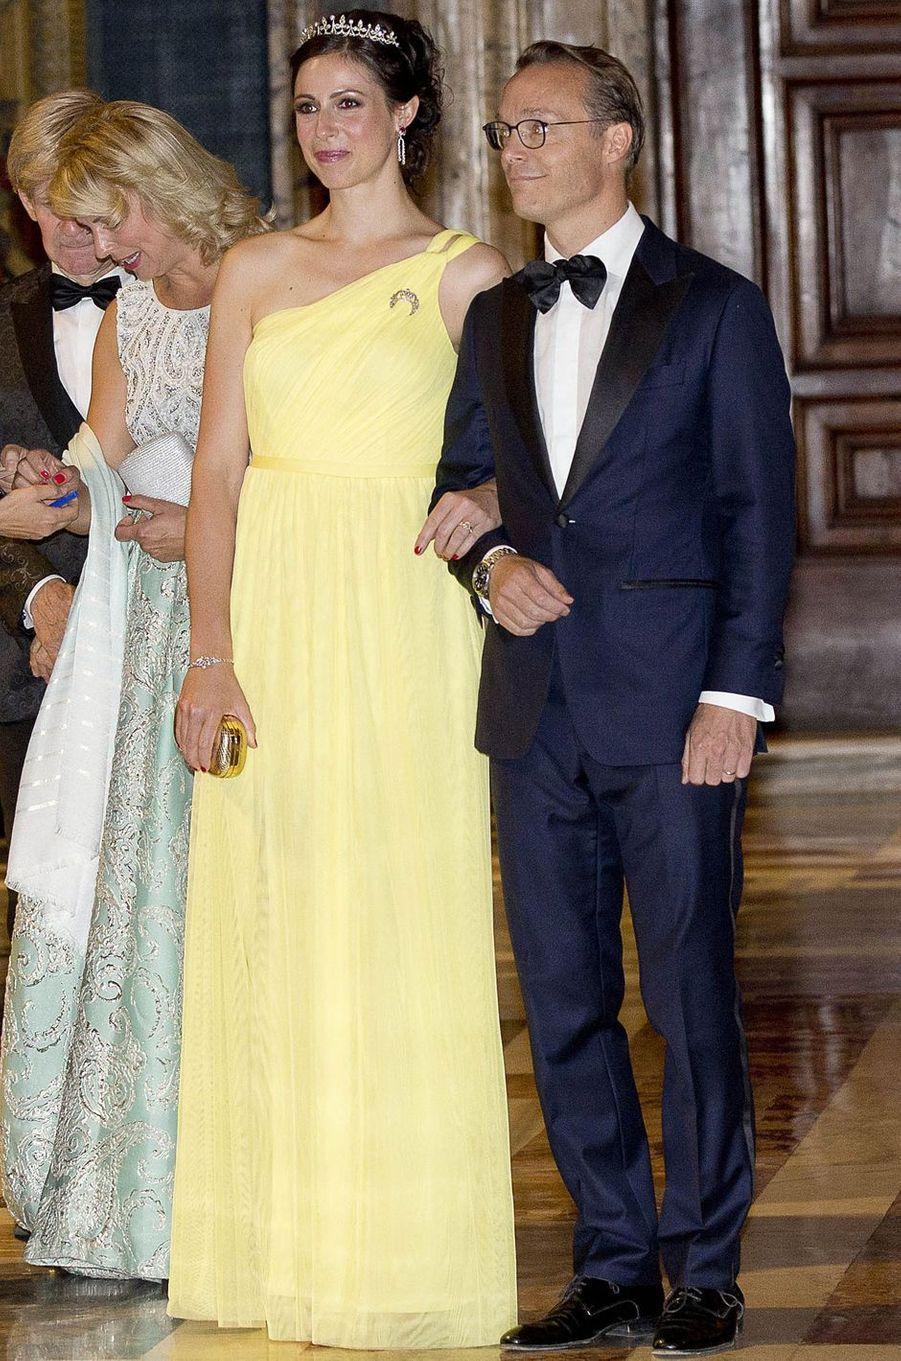 La princesse Viktoria et le prince Jaime de Bourbon de Parme à Rome, le 20 juin 2017